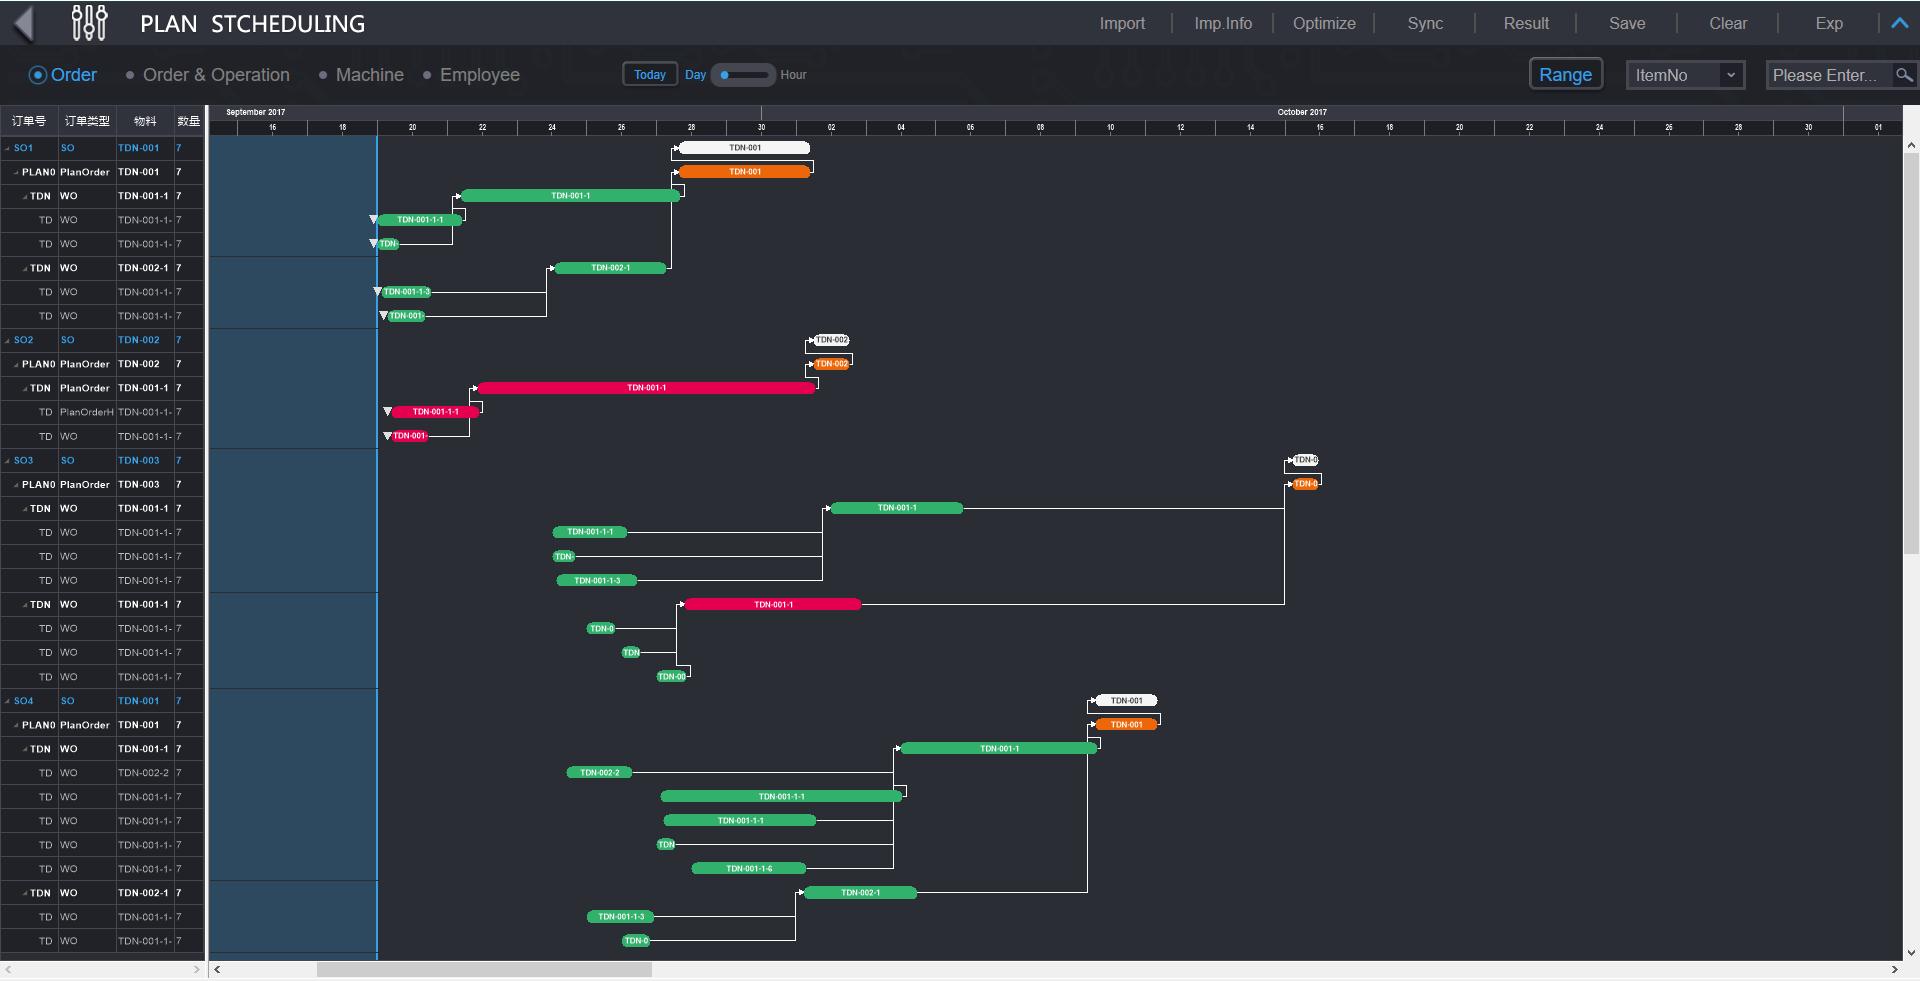 三分钟认识APS系统中生产计划排程模块的基本原理!